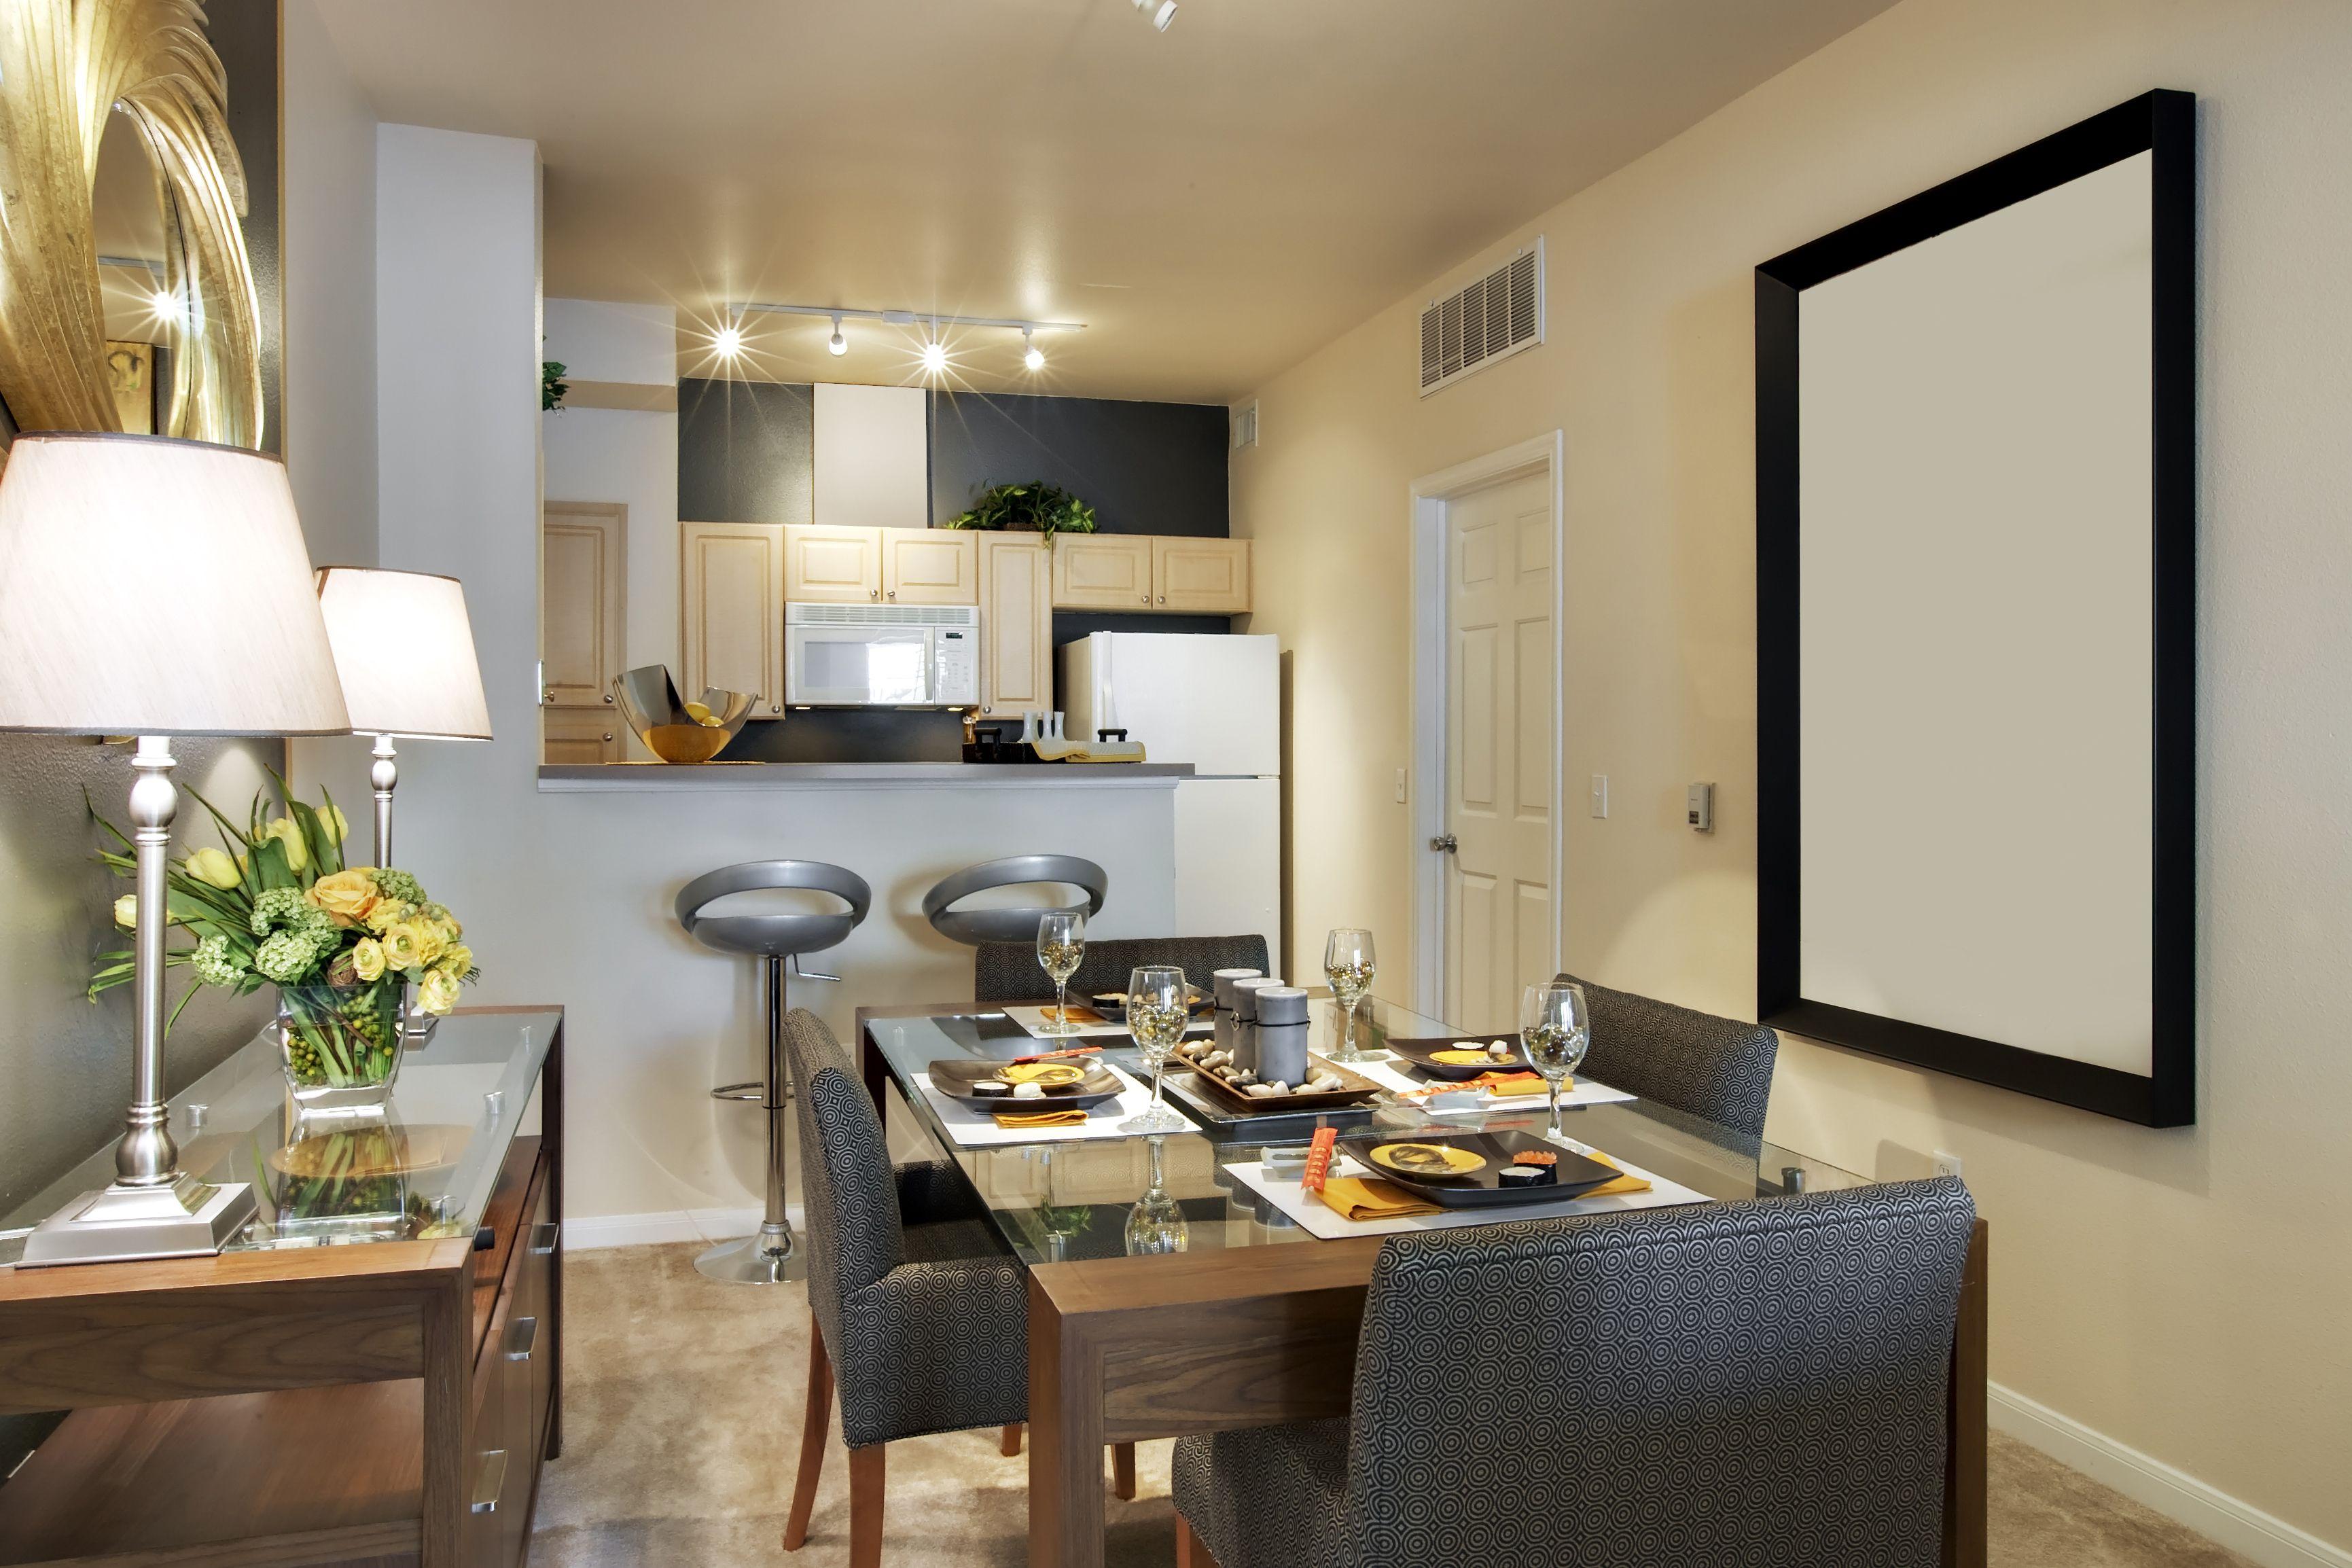 tip casa pequea utiliza colores claros los colores claros pueden dar la sensacin de - Como Decorar Una Casa Pequea